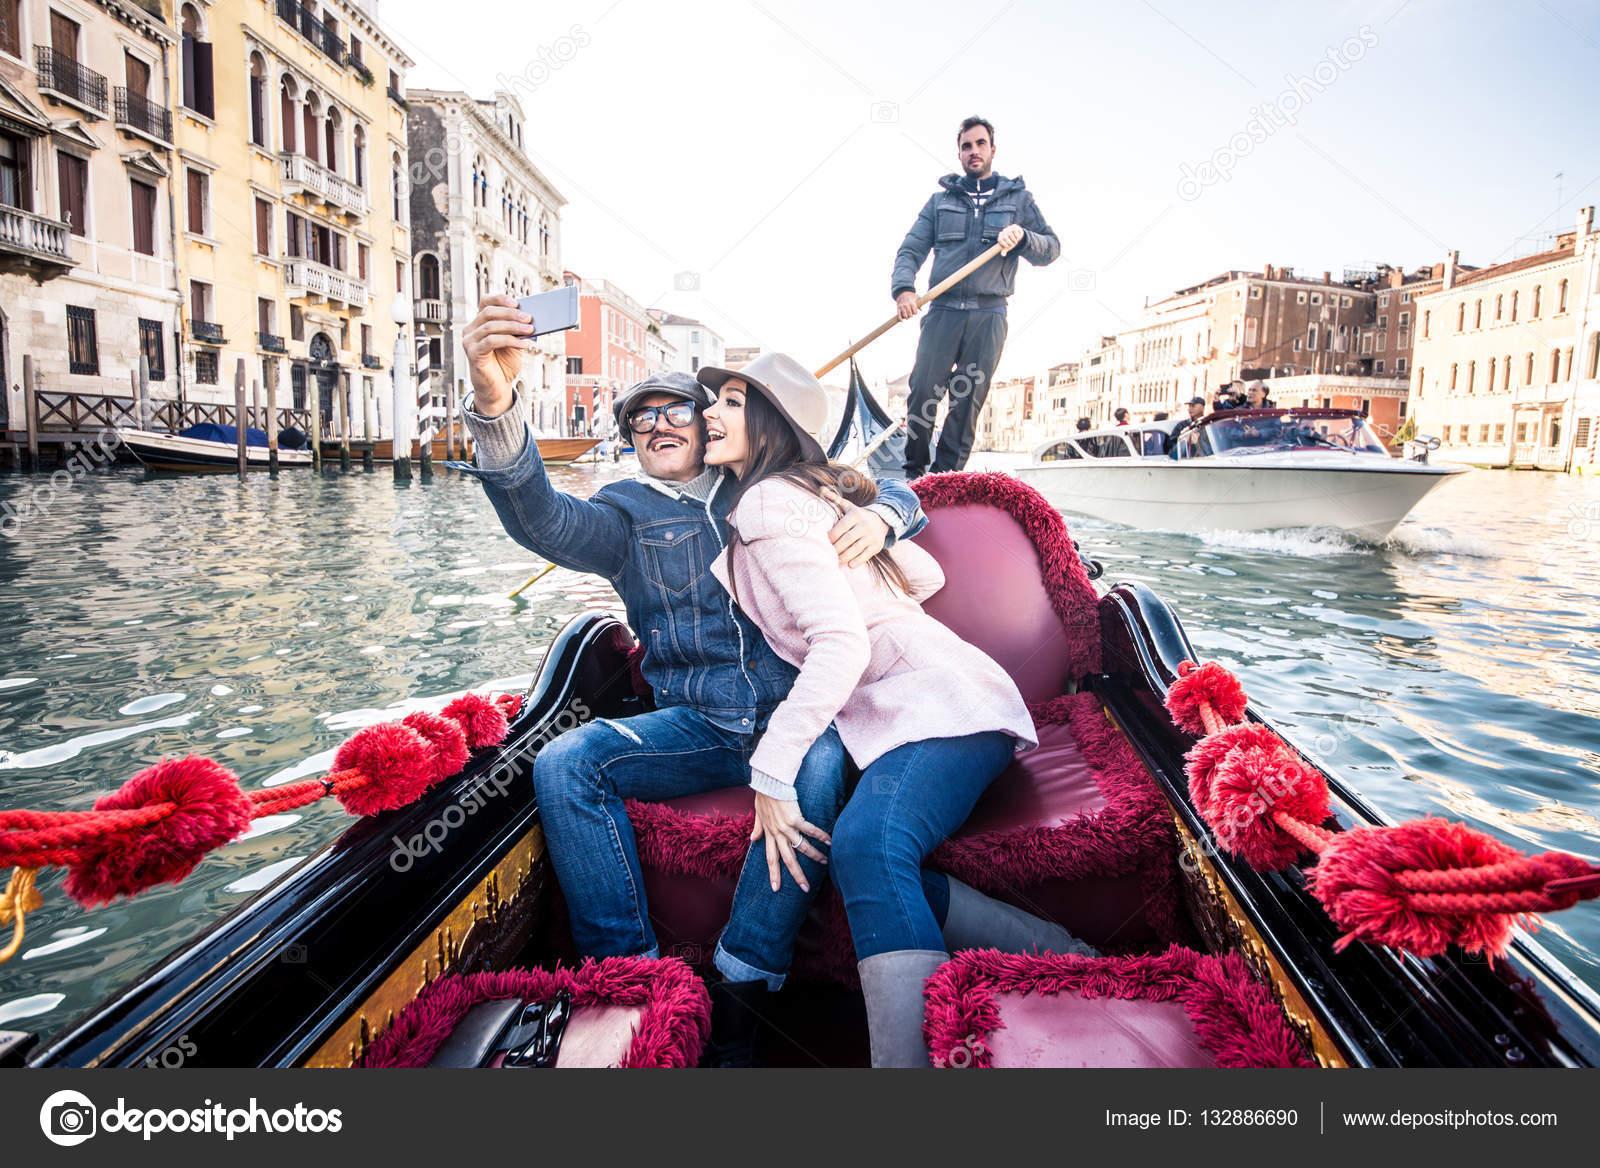 Bien connu d'amoureux en gondole vénitienne — Photo #132886690 WX17